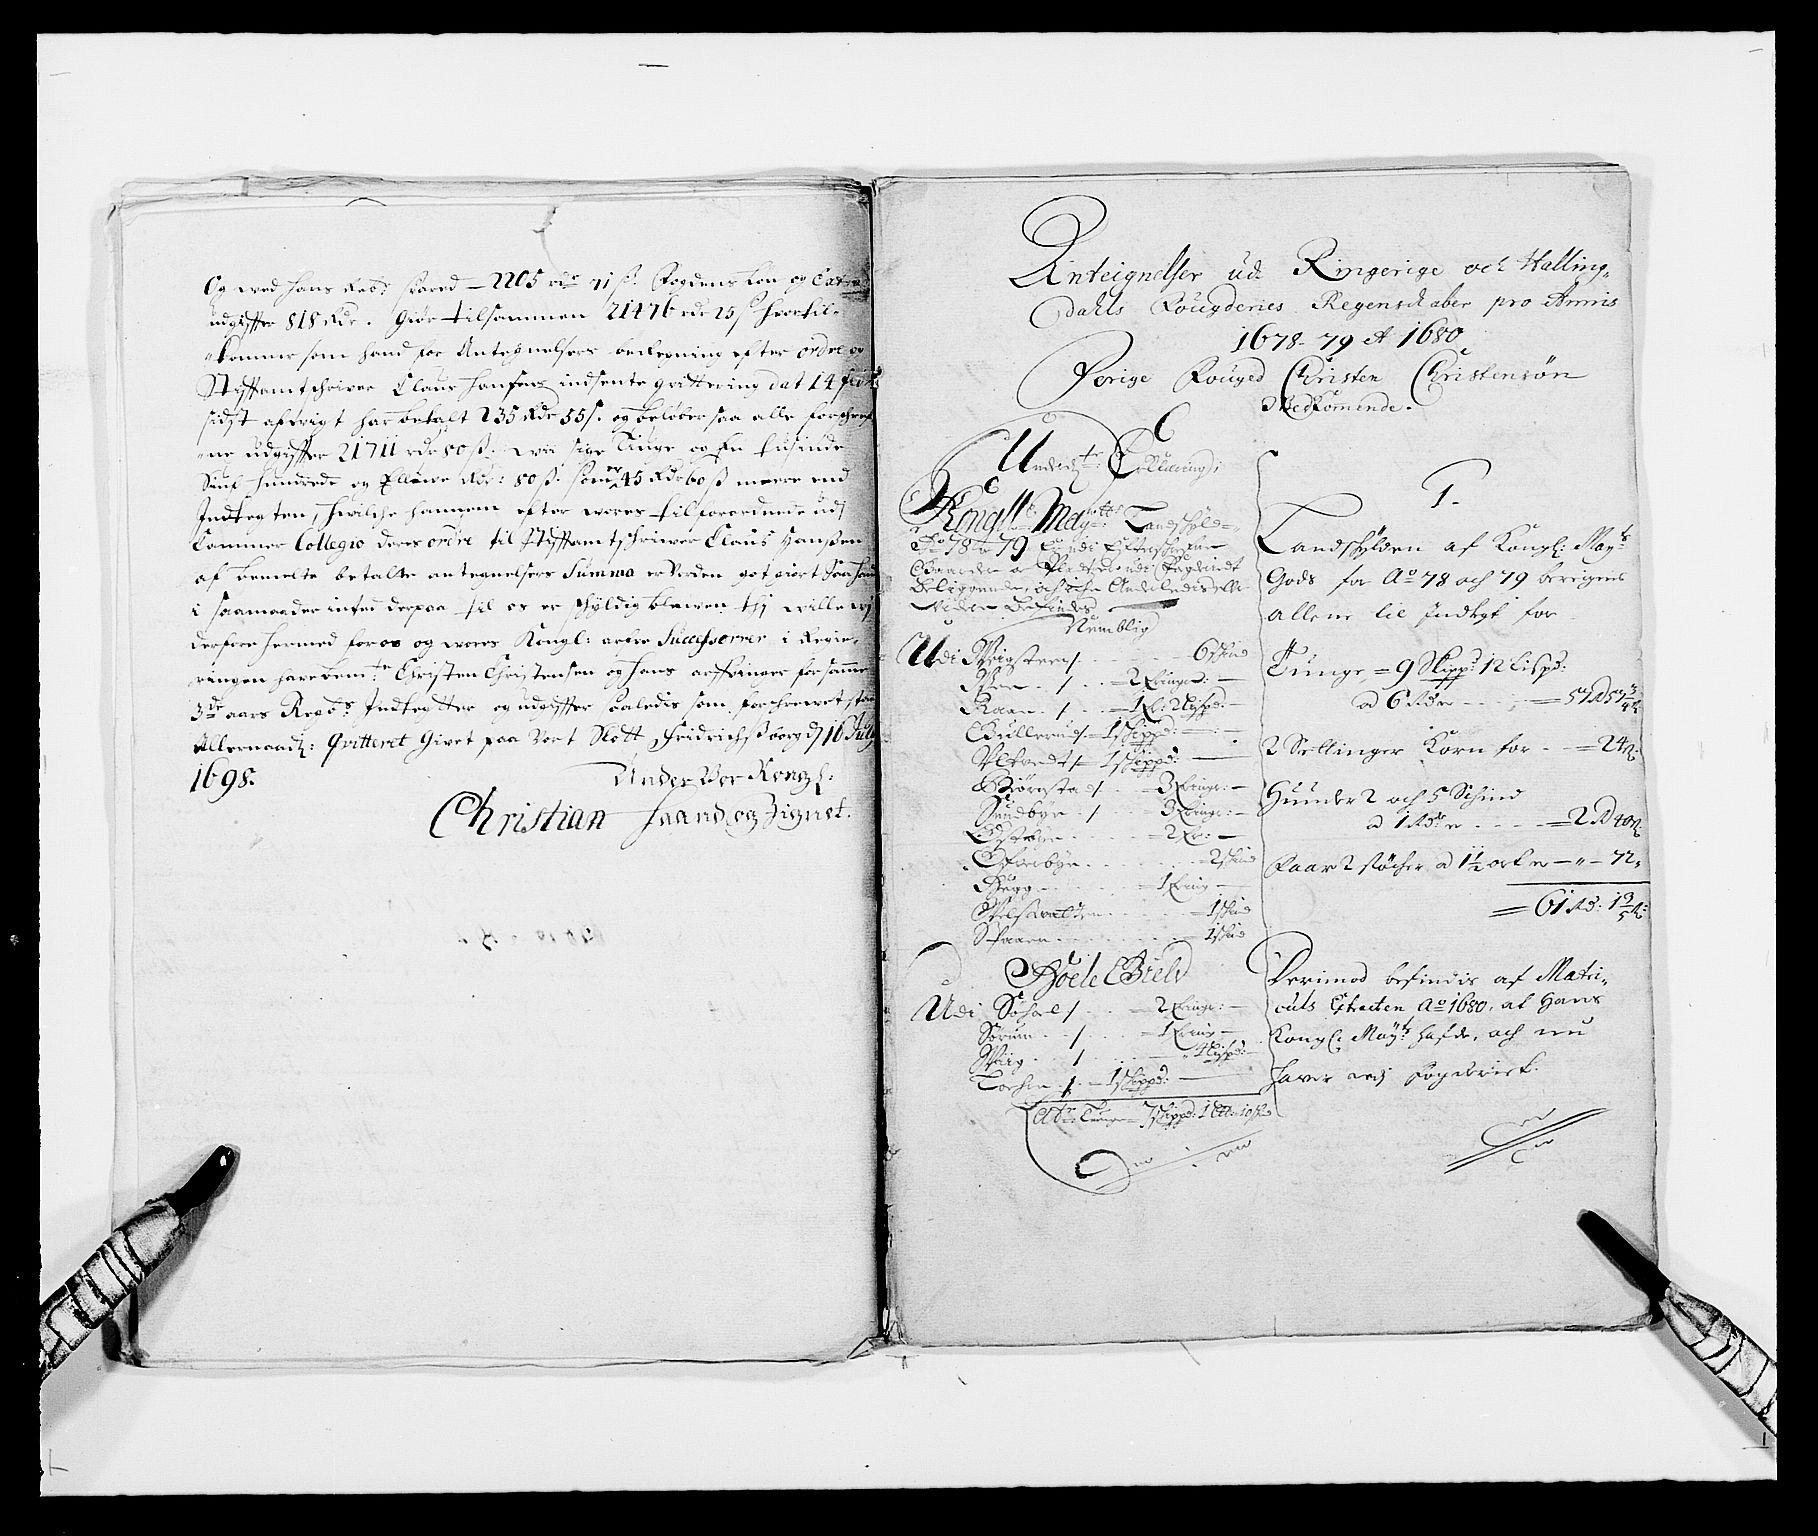 RA, Rentekammeret inntil 1814, Reviderte regnskaper, Fogderegnskap, R21/L1444: Fogderegnskap Ringerike og Hallingdal, 1680-1681, s. 142